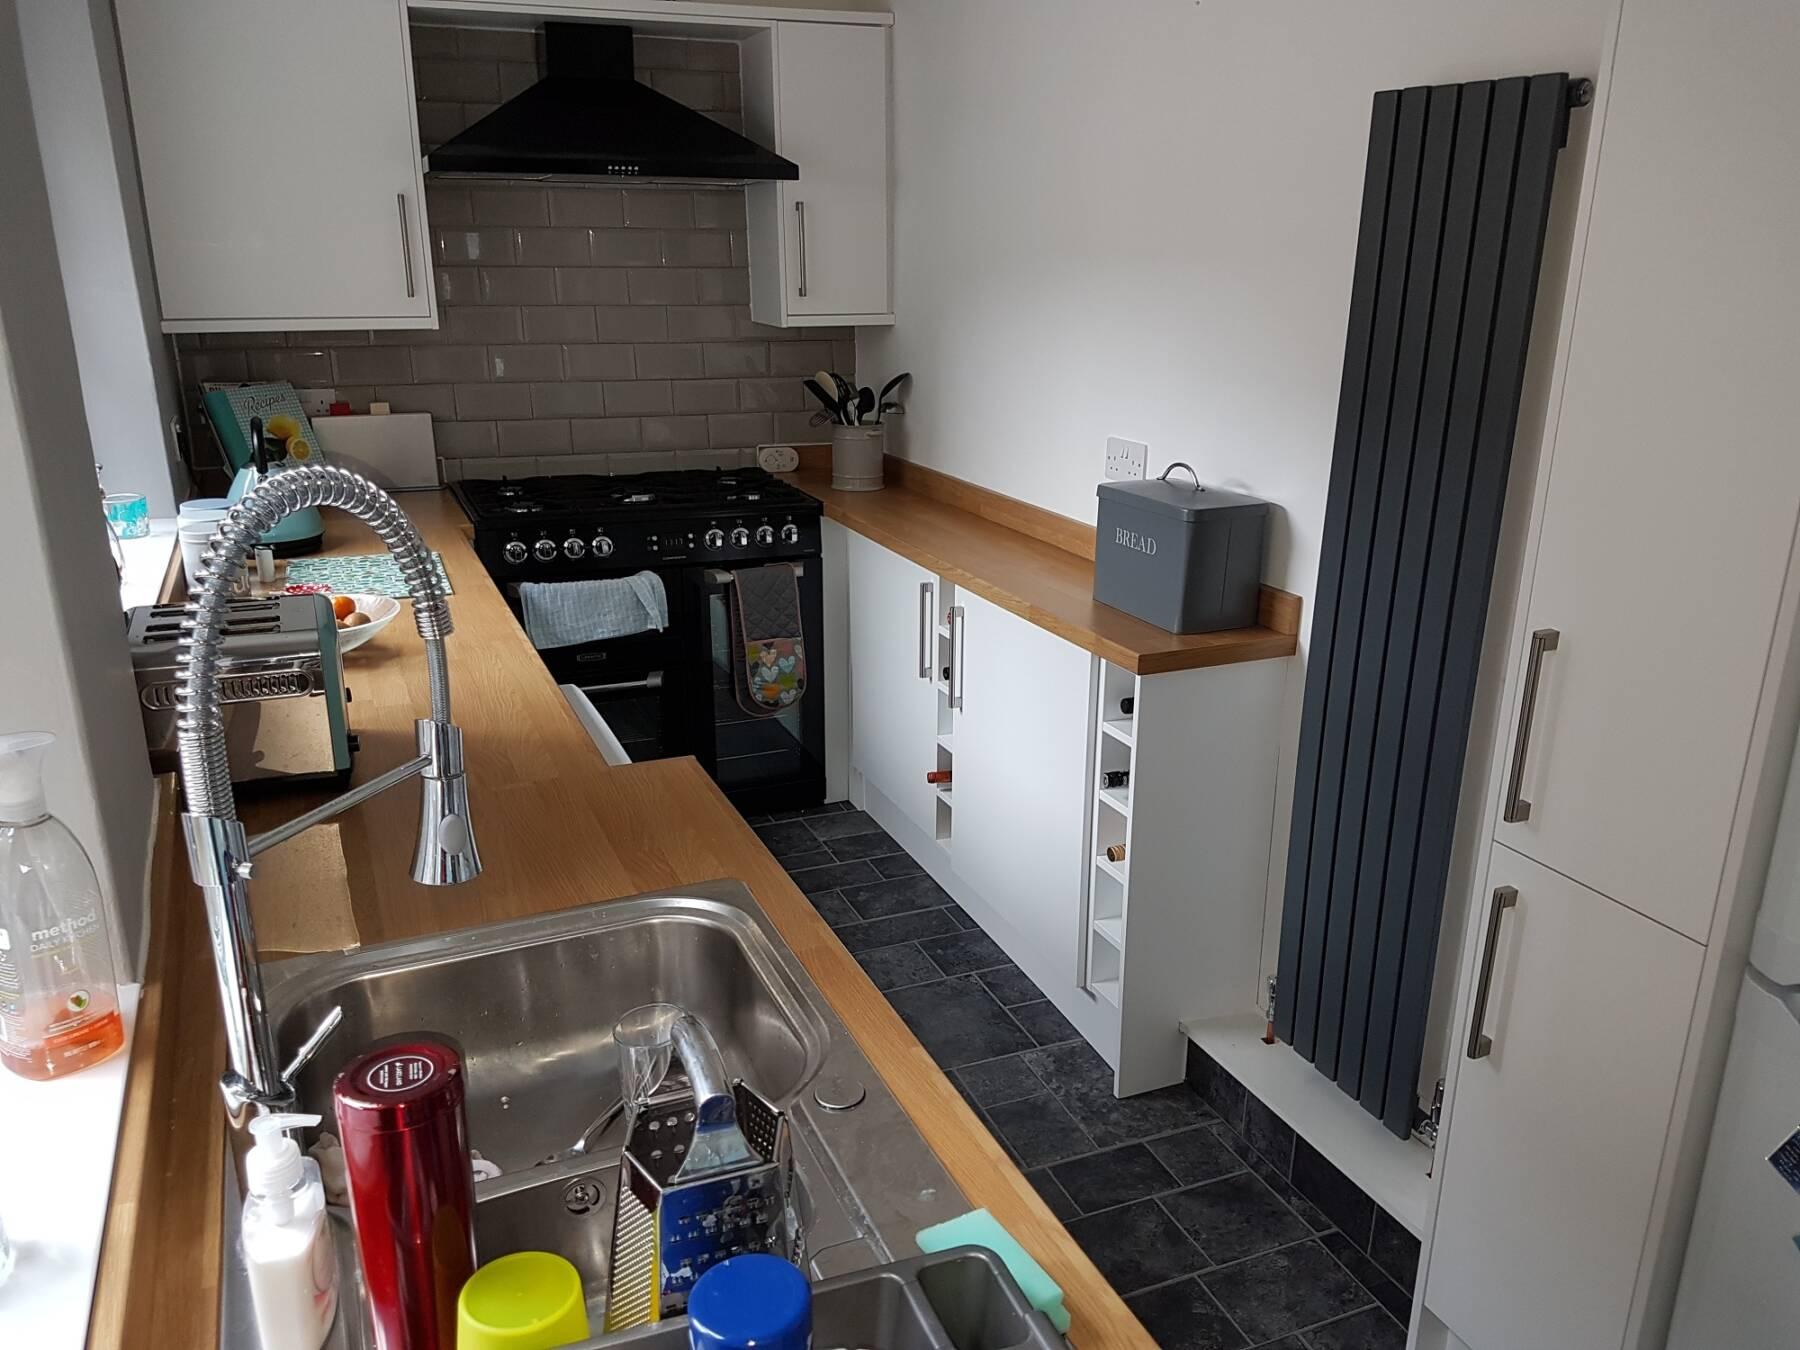 Milano Capri designer radiator in a galley kitchen in grey